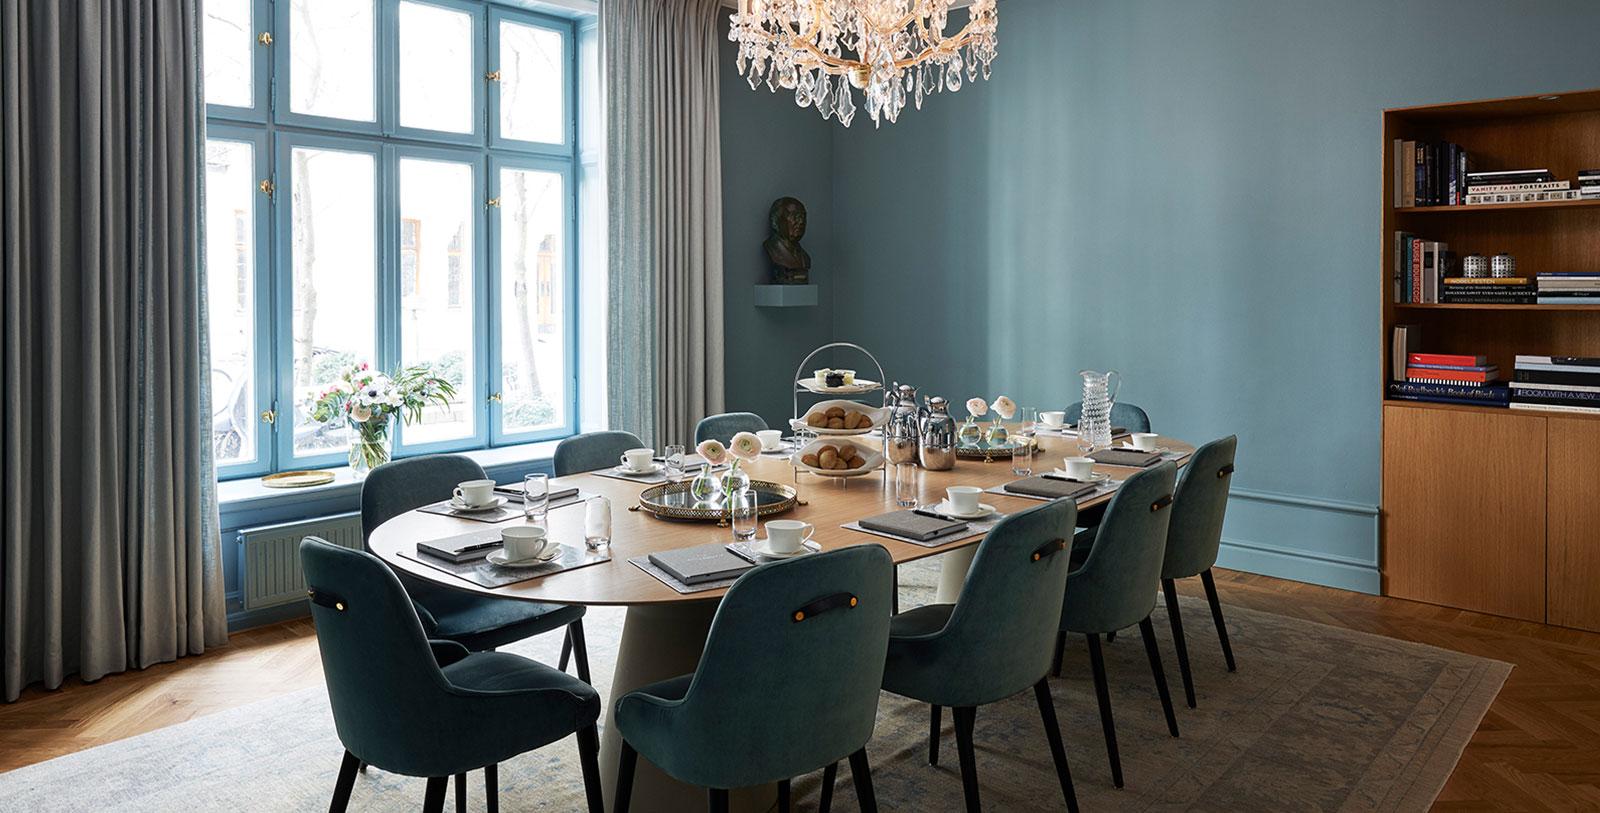 Image of Djurgården Meeting Space, Hotel Diplomat, Stockholm Sweden, Request For Proposal